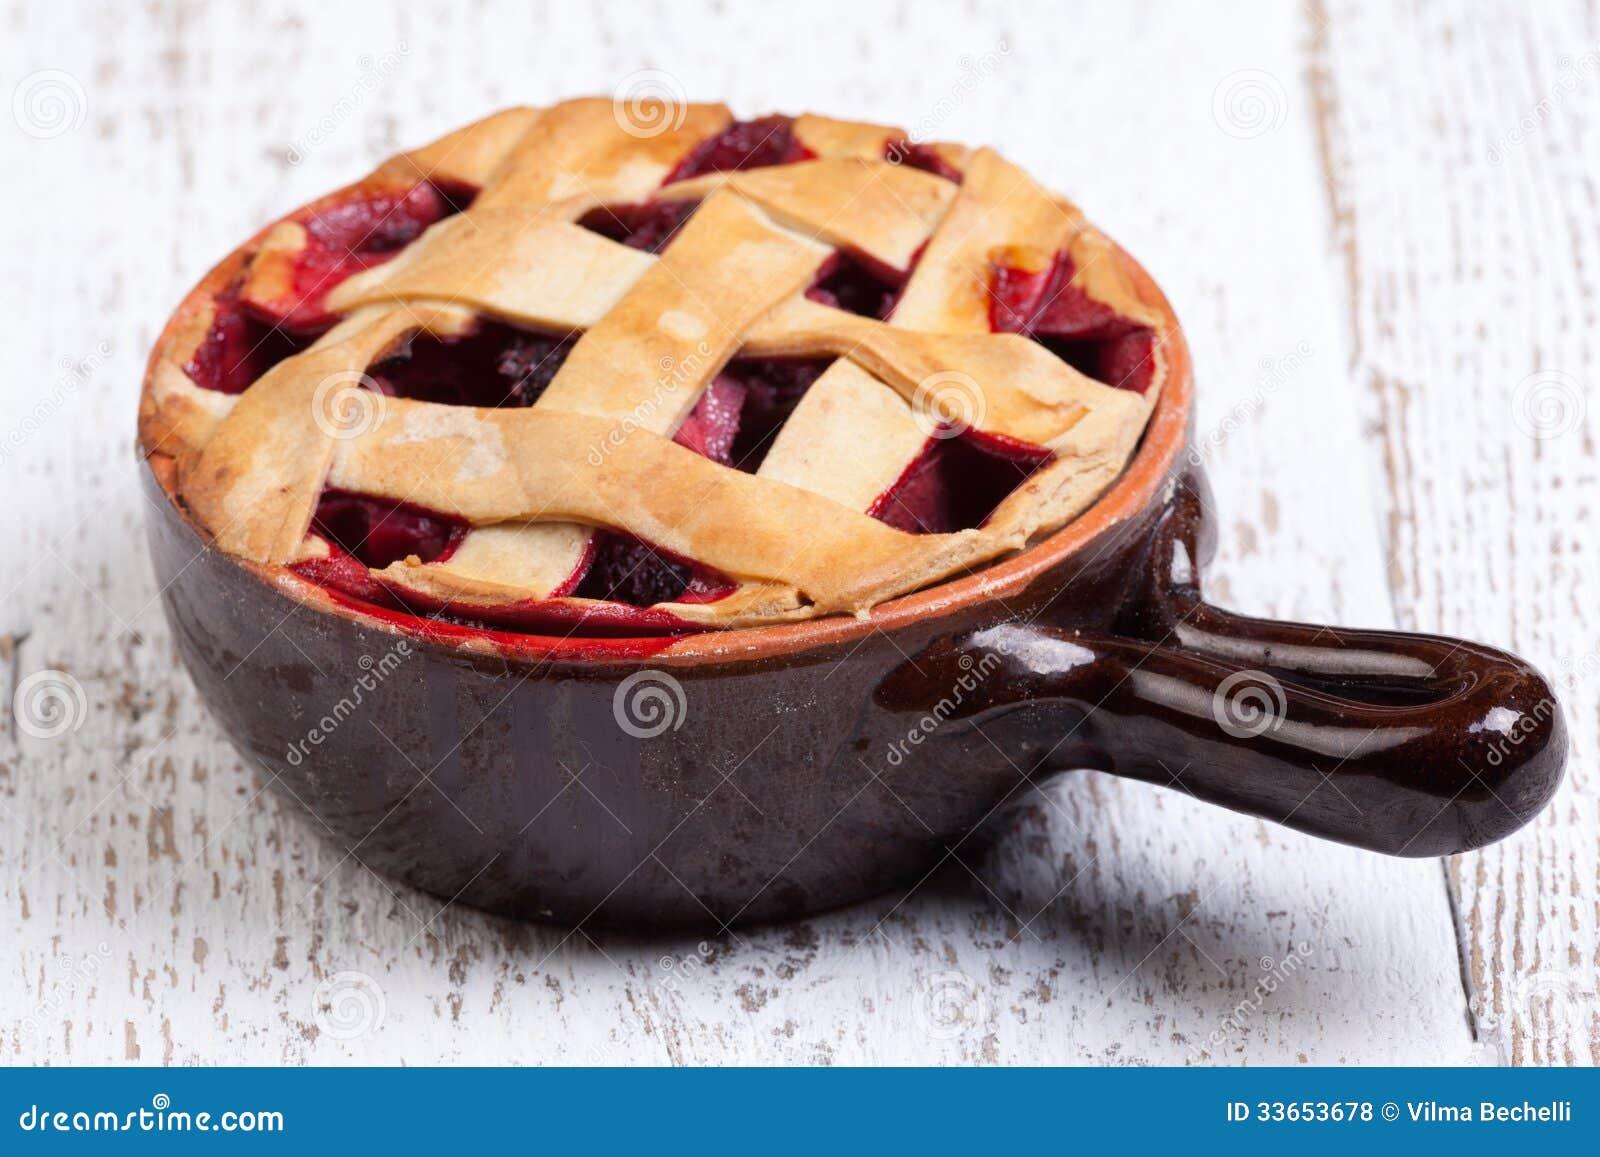 Fruit pie on white table